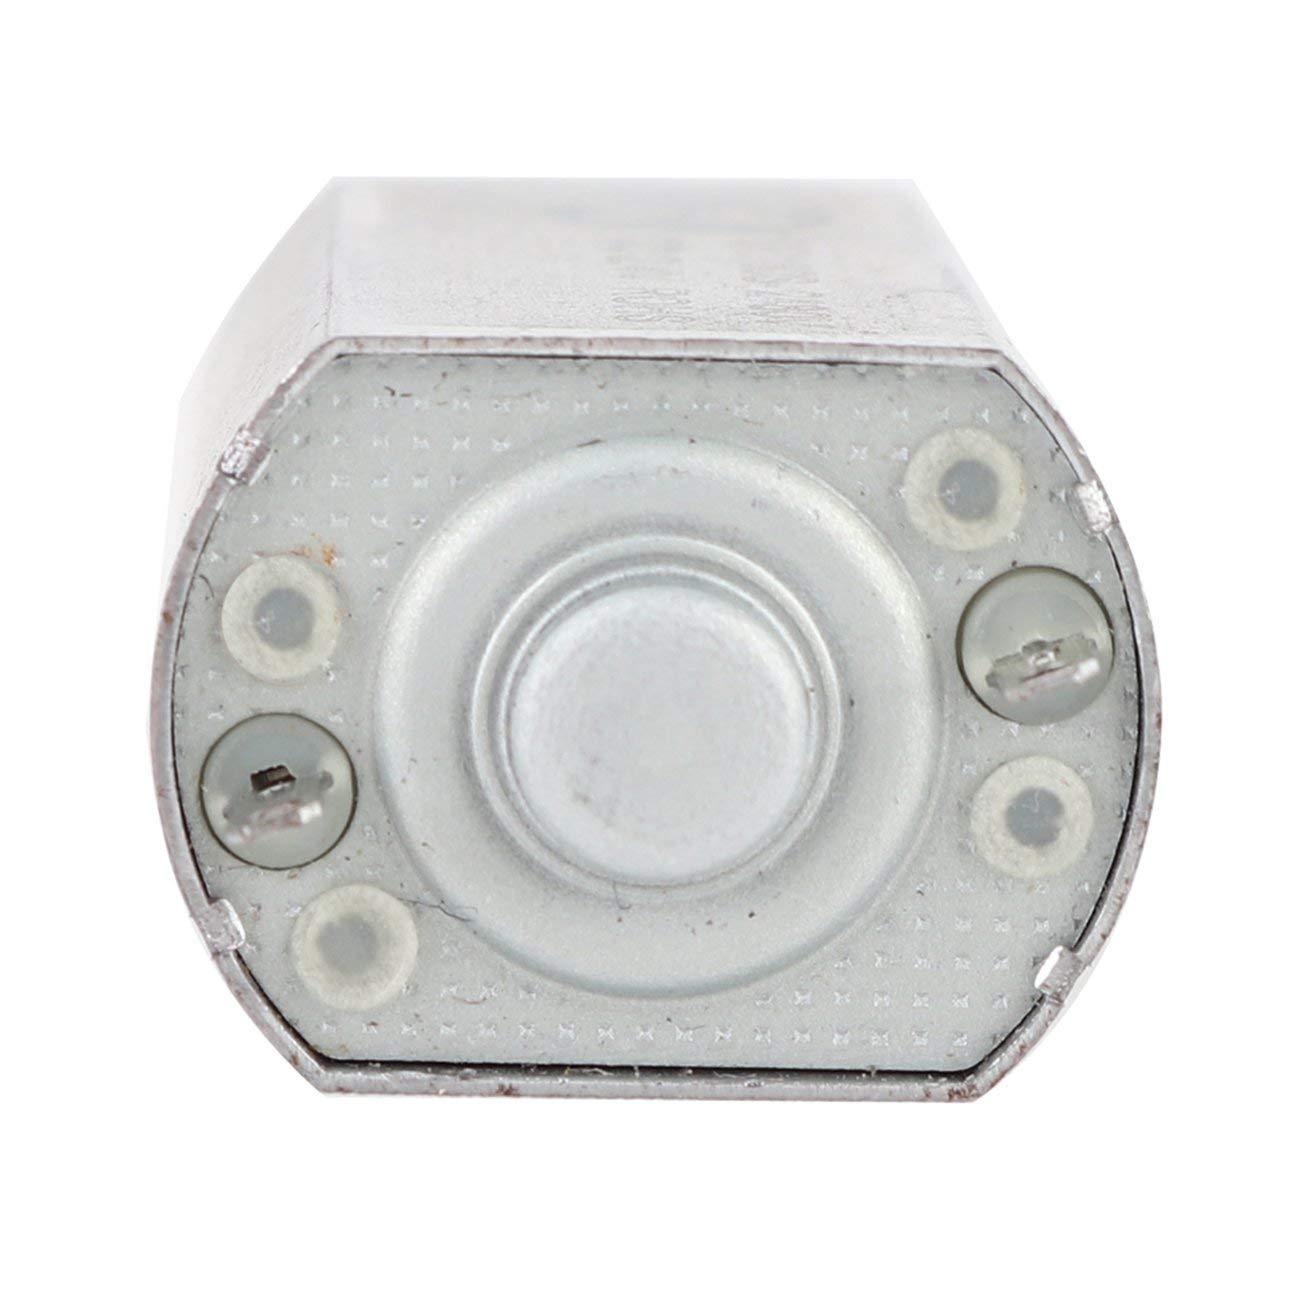 Pudincoco Motore Speed Shield 25500KV 7.2V 180 in Metallo con Dente a Corona Adatto a Tutti Gli Accessori di Simulazione di Camion RC Militari